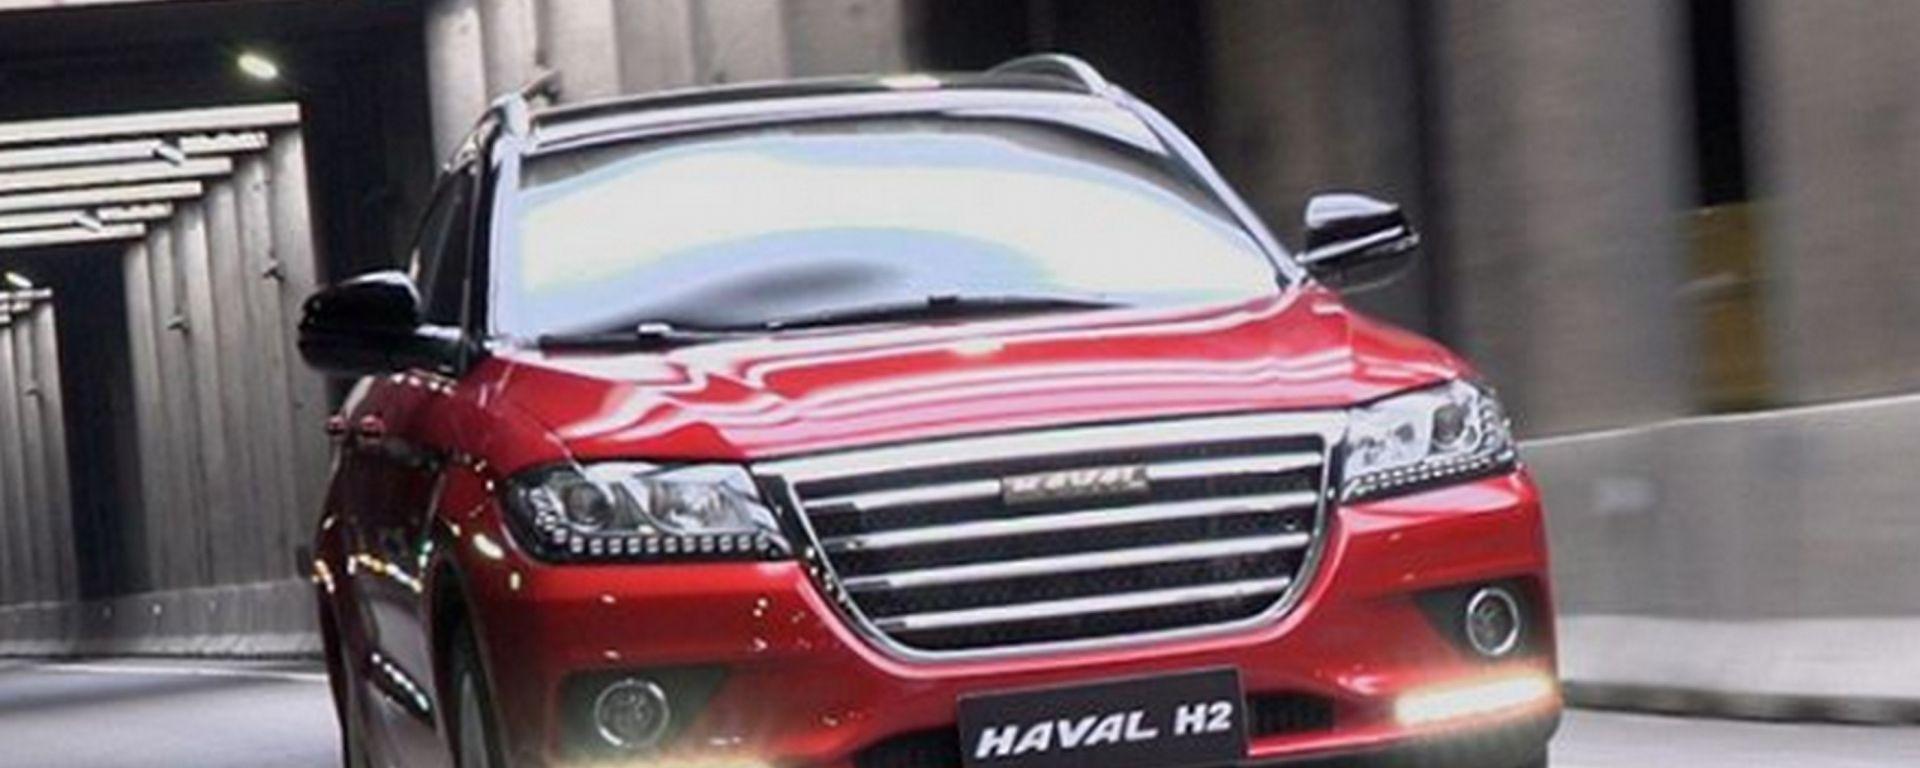 Haval H2 2019: debutta il SUV compatto anche a GPL